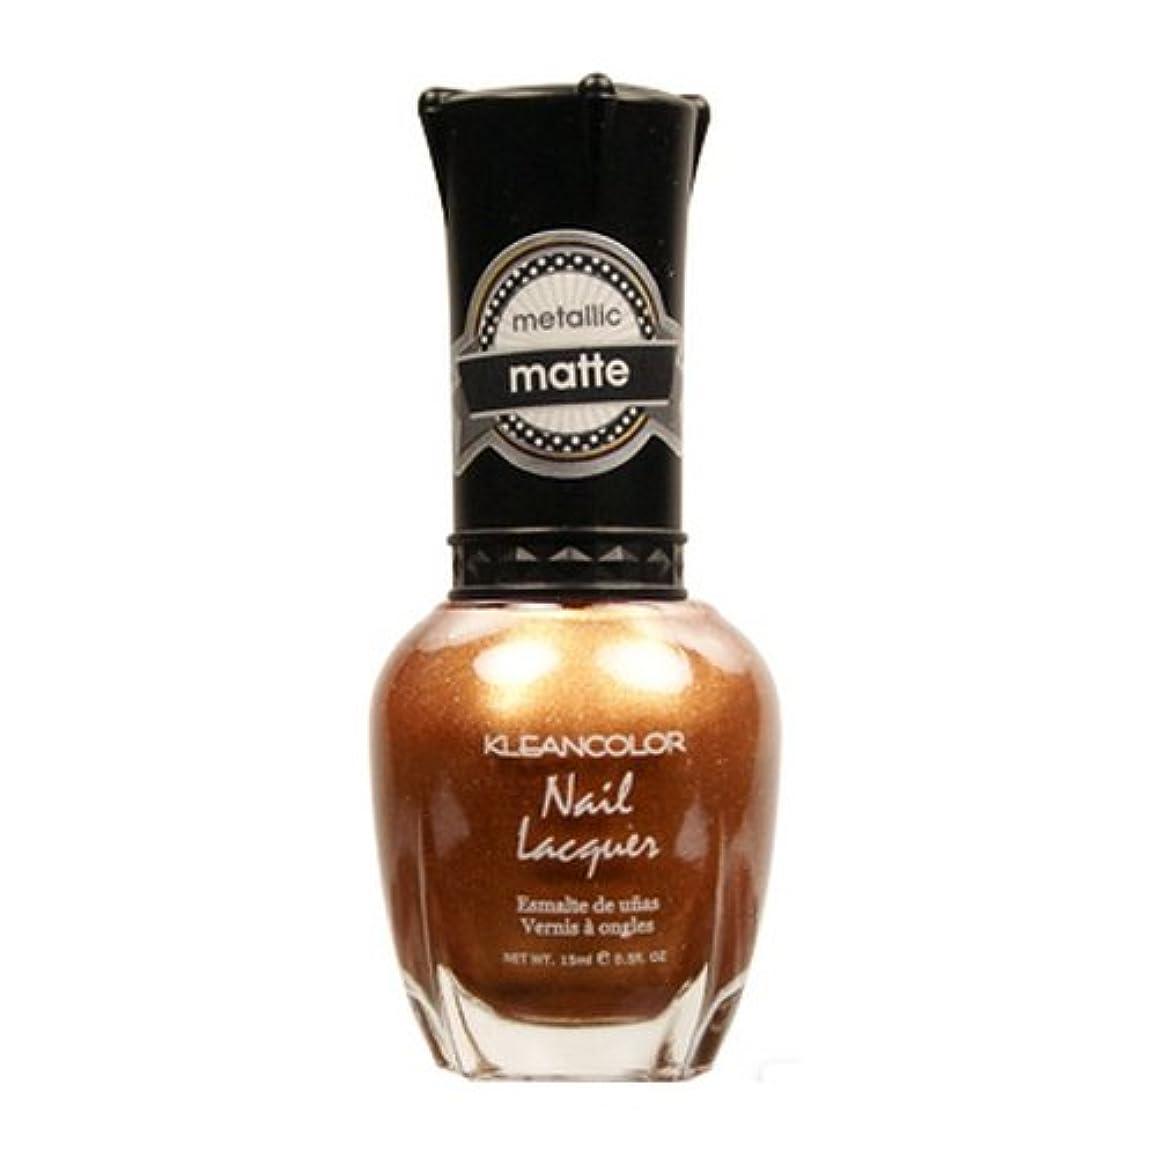 忘れられない責め是正(6 Pack) KLEANCOLOR Matte Nail Lacquer - Life in Gold Castle (並行輸入品)